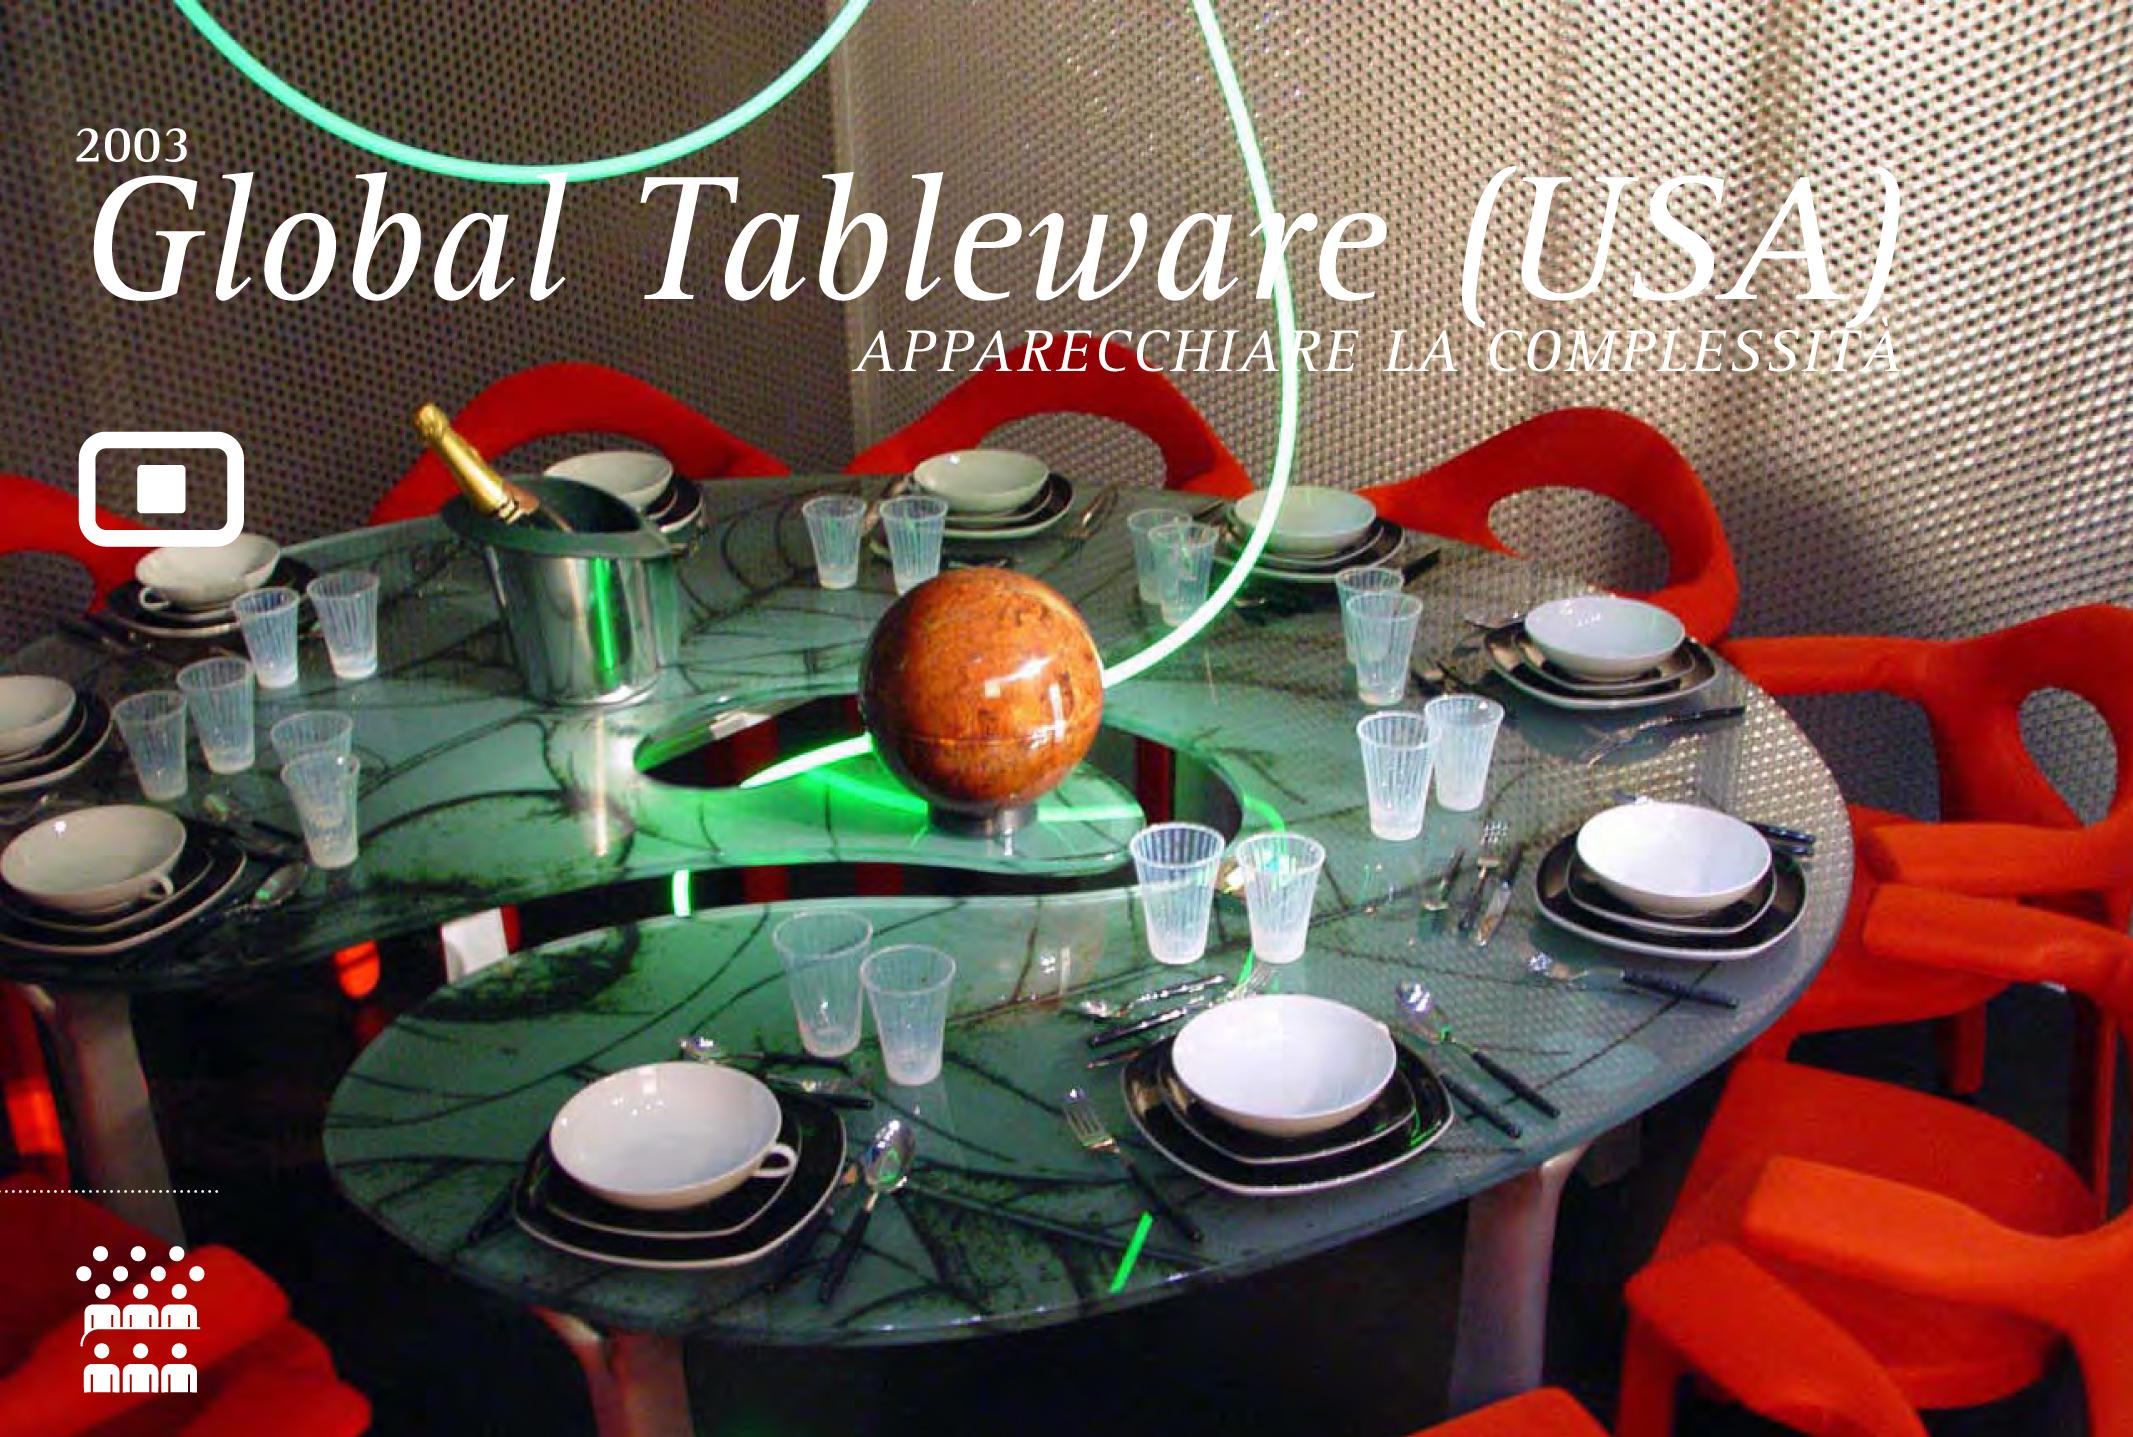 Global Tableware-1